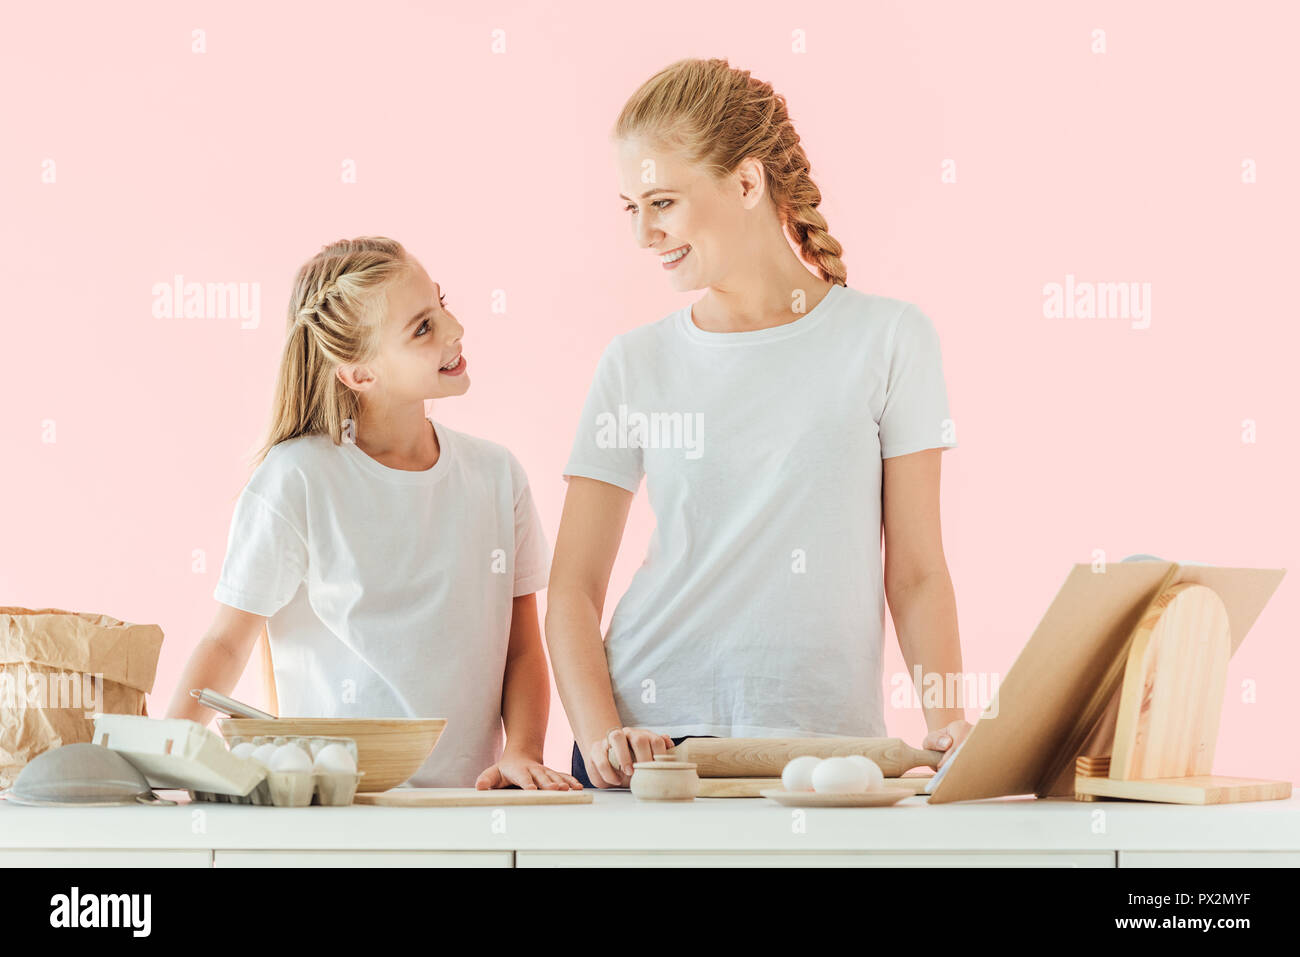 Sonriendo, madre e hija en t-Shirts blancos mirando mientras cocinan juntos aislado en rosa Imagen De Stock